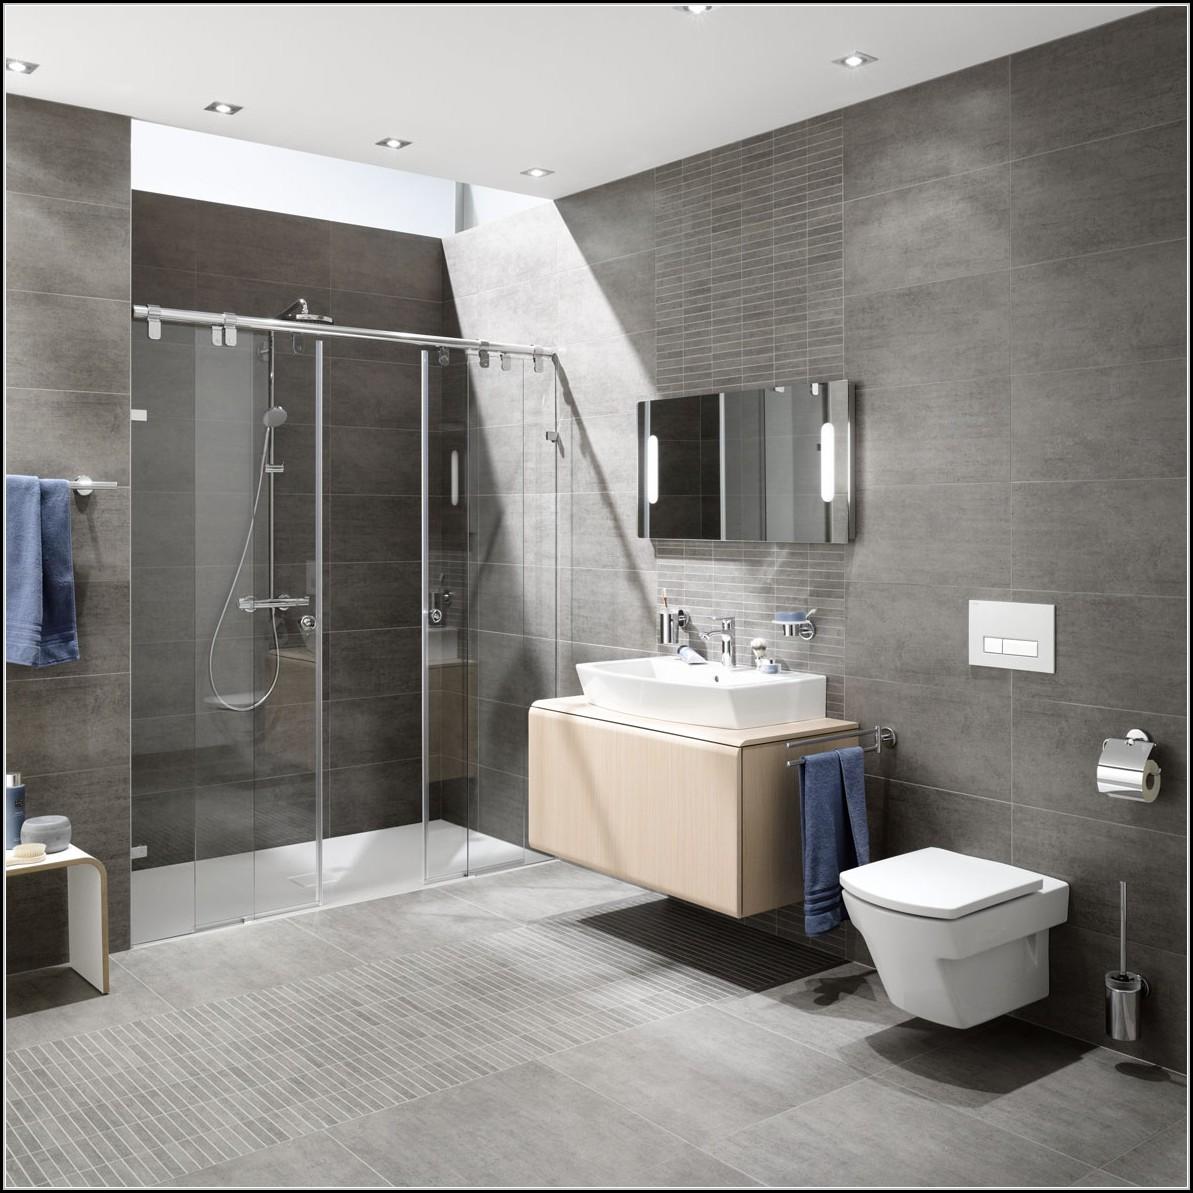 Badezimmer Fliesen: Fliesen : House Und Dekor